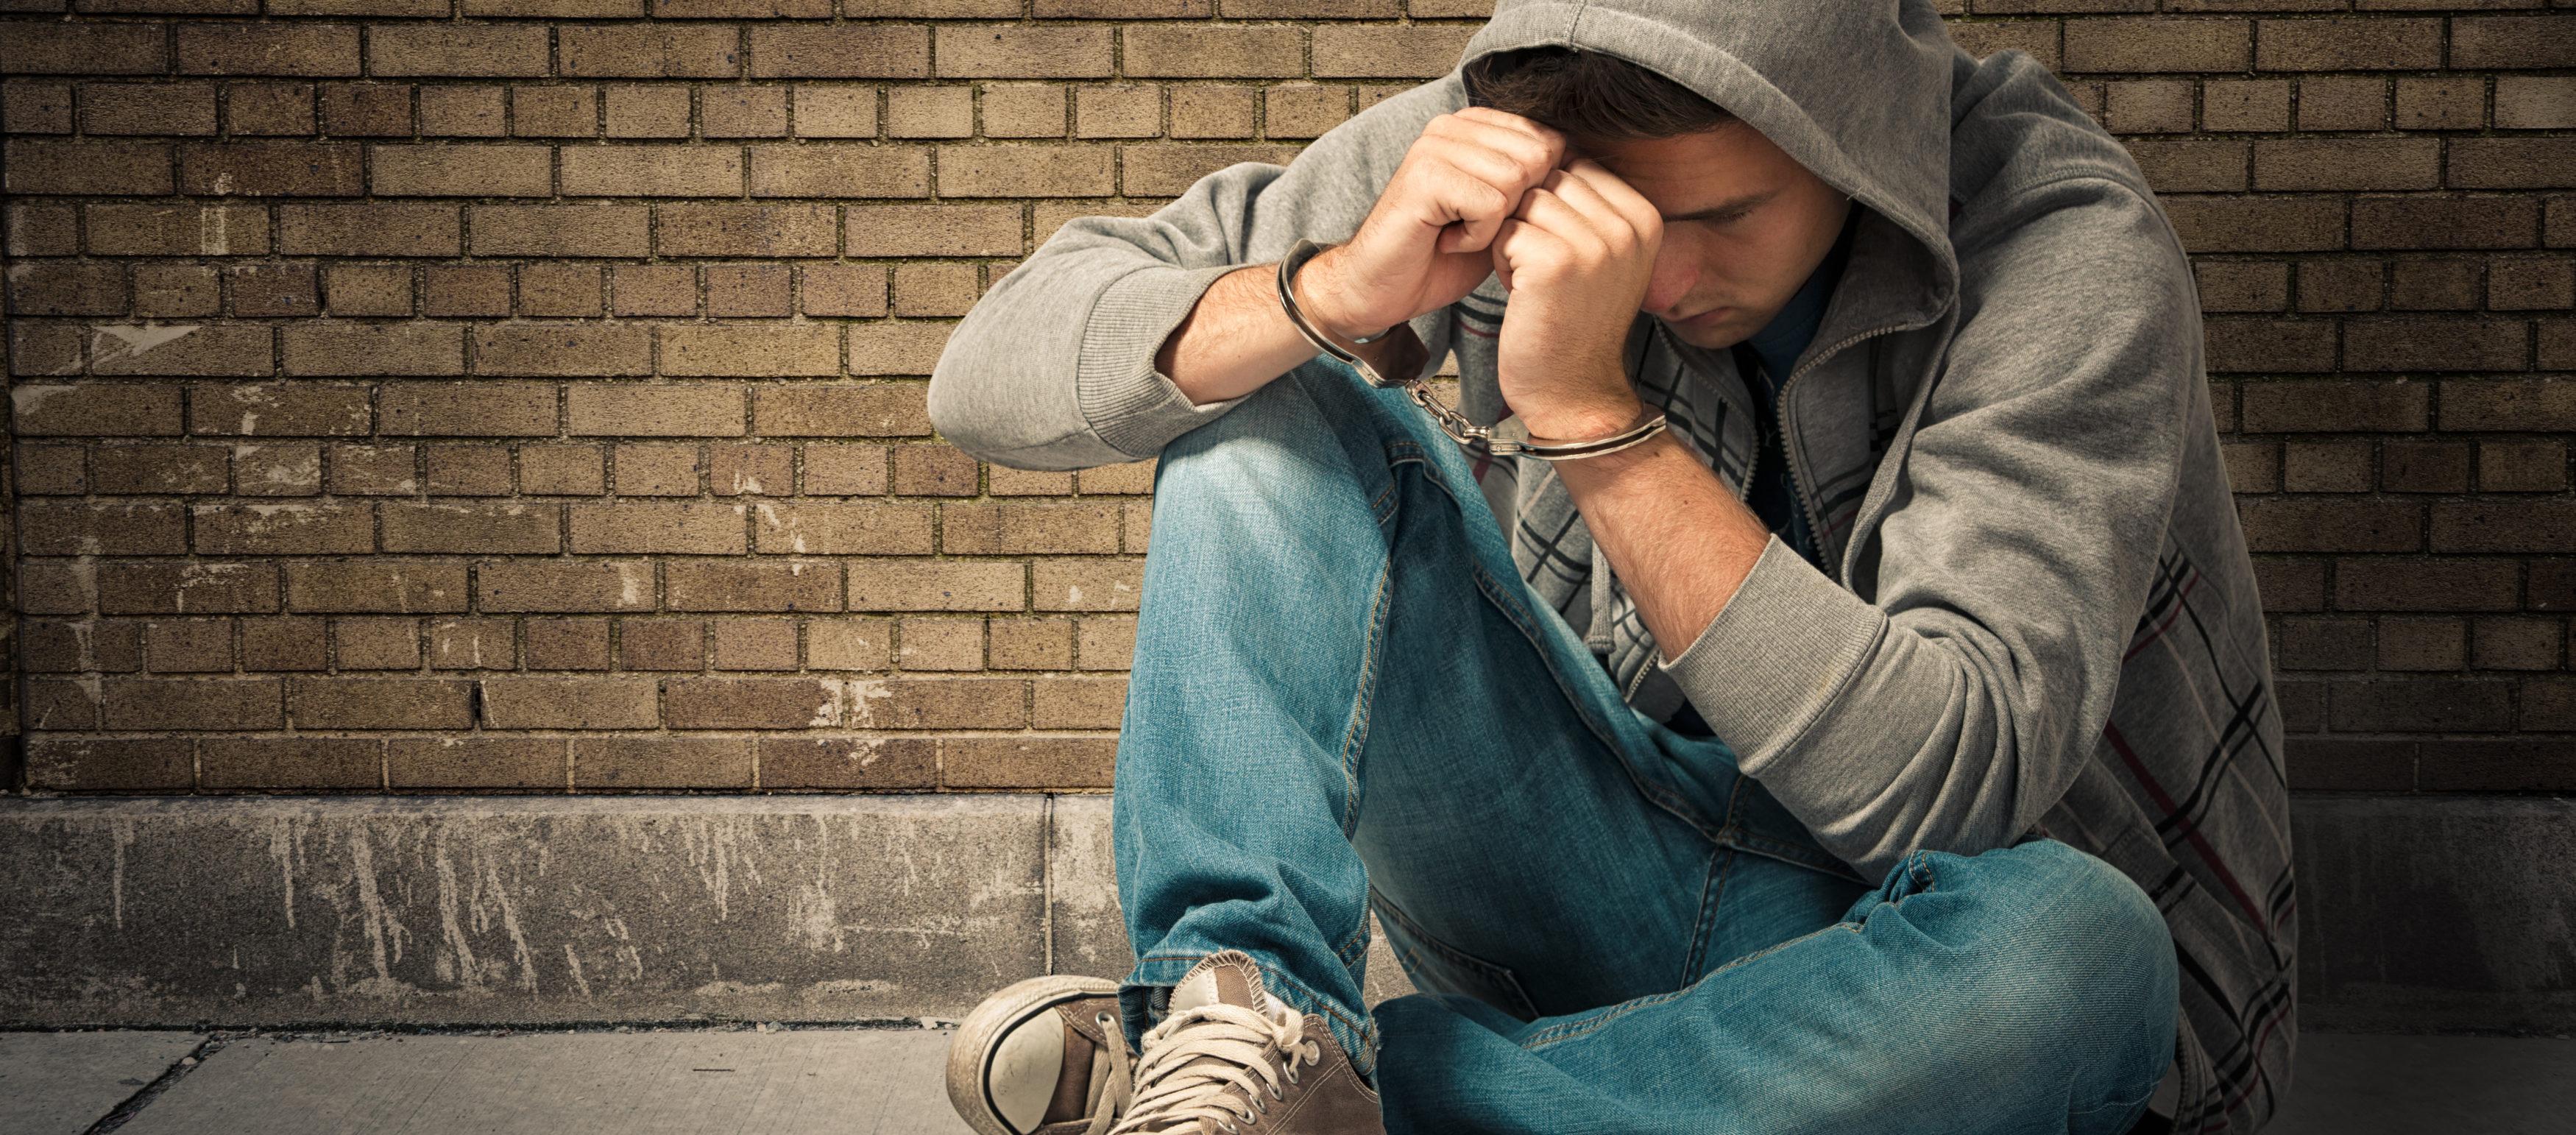 juvenile-delinquency-3500x1542.jpg